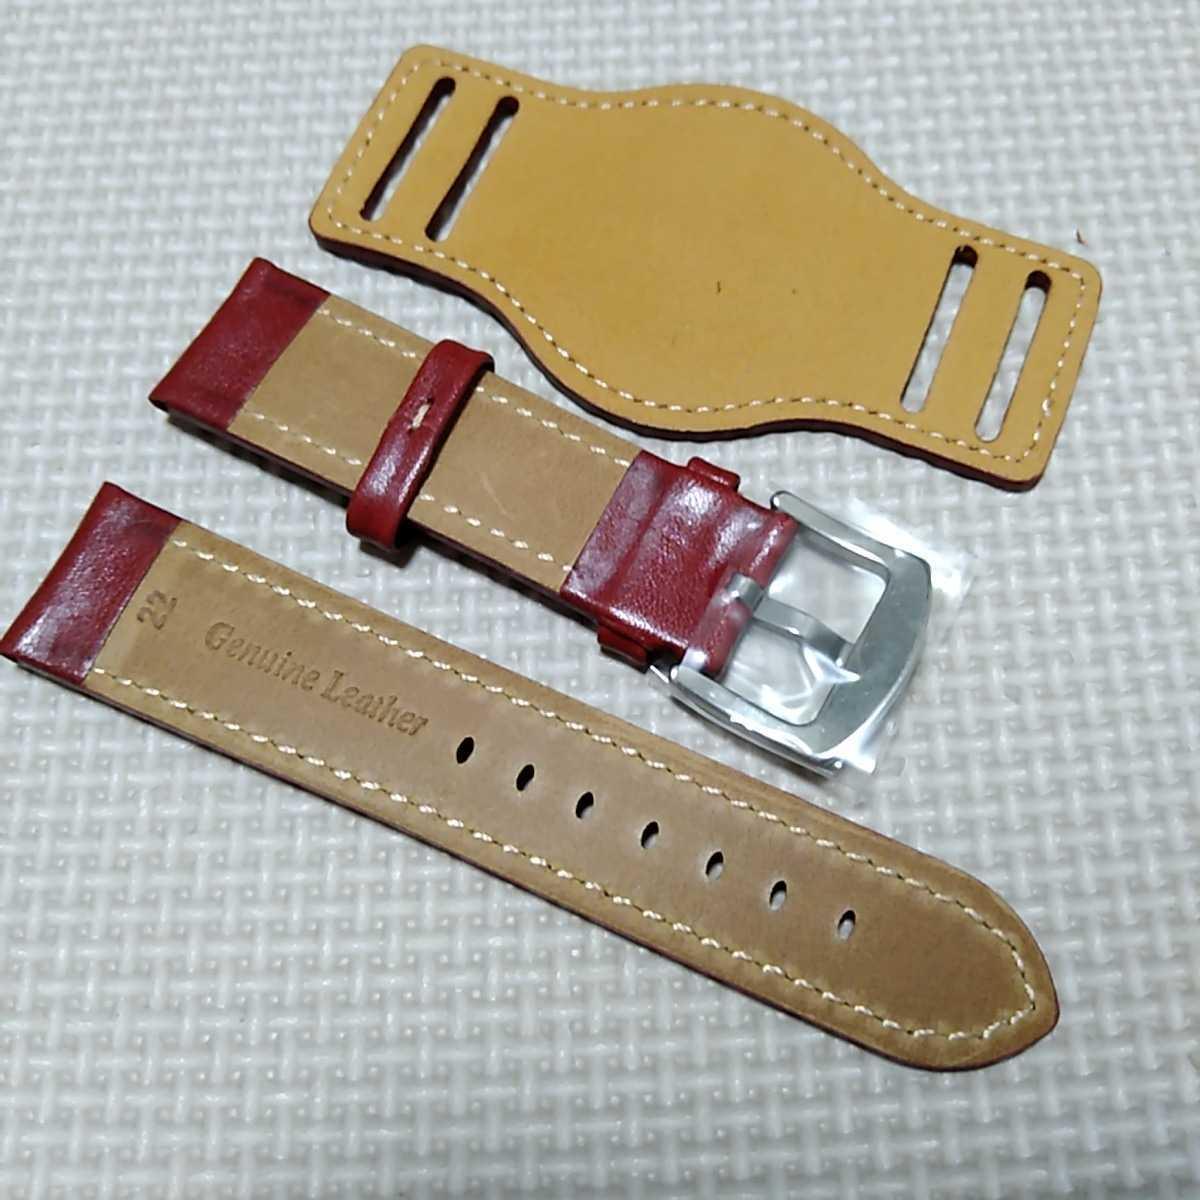 No33 ブンド BUND 本革レザーベルト 腕時計ベルト 交換用ストラップ レッド 22mm 未使用 送料無料 高品質 ドイツパイロット 空軍_画像2